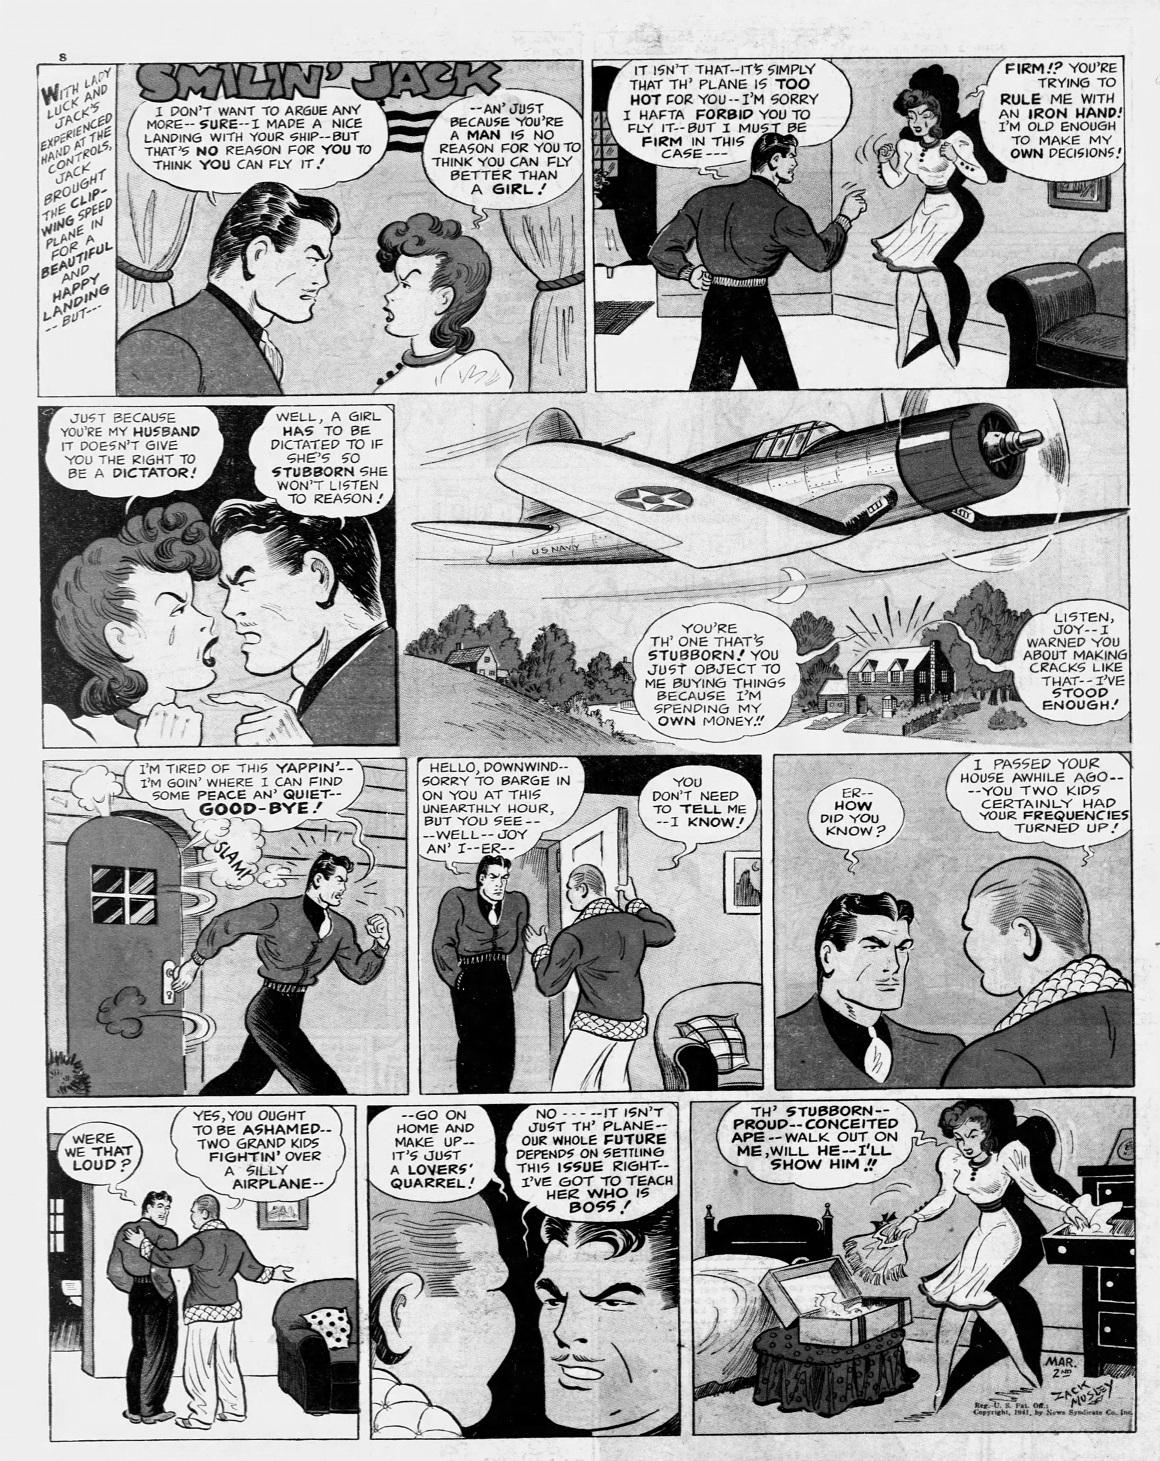 Daily_News_Sun__Mar_2__1941_(6).jpg